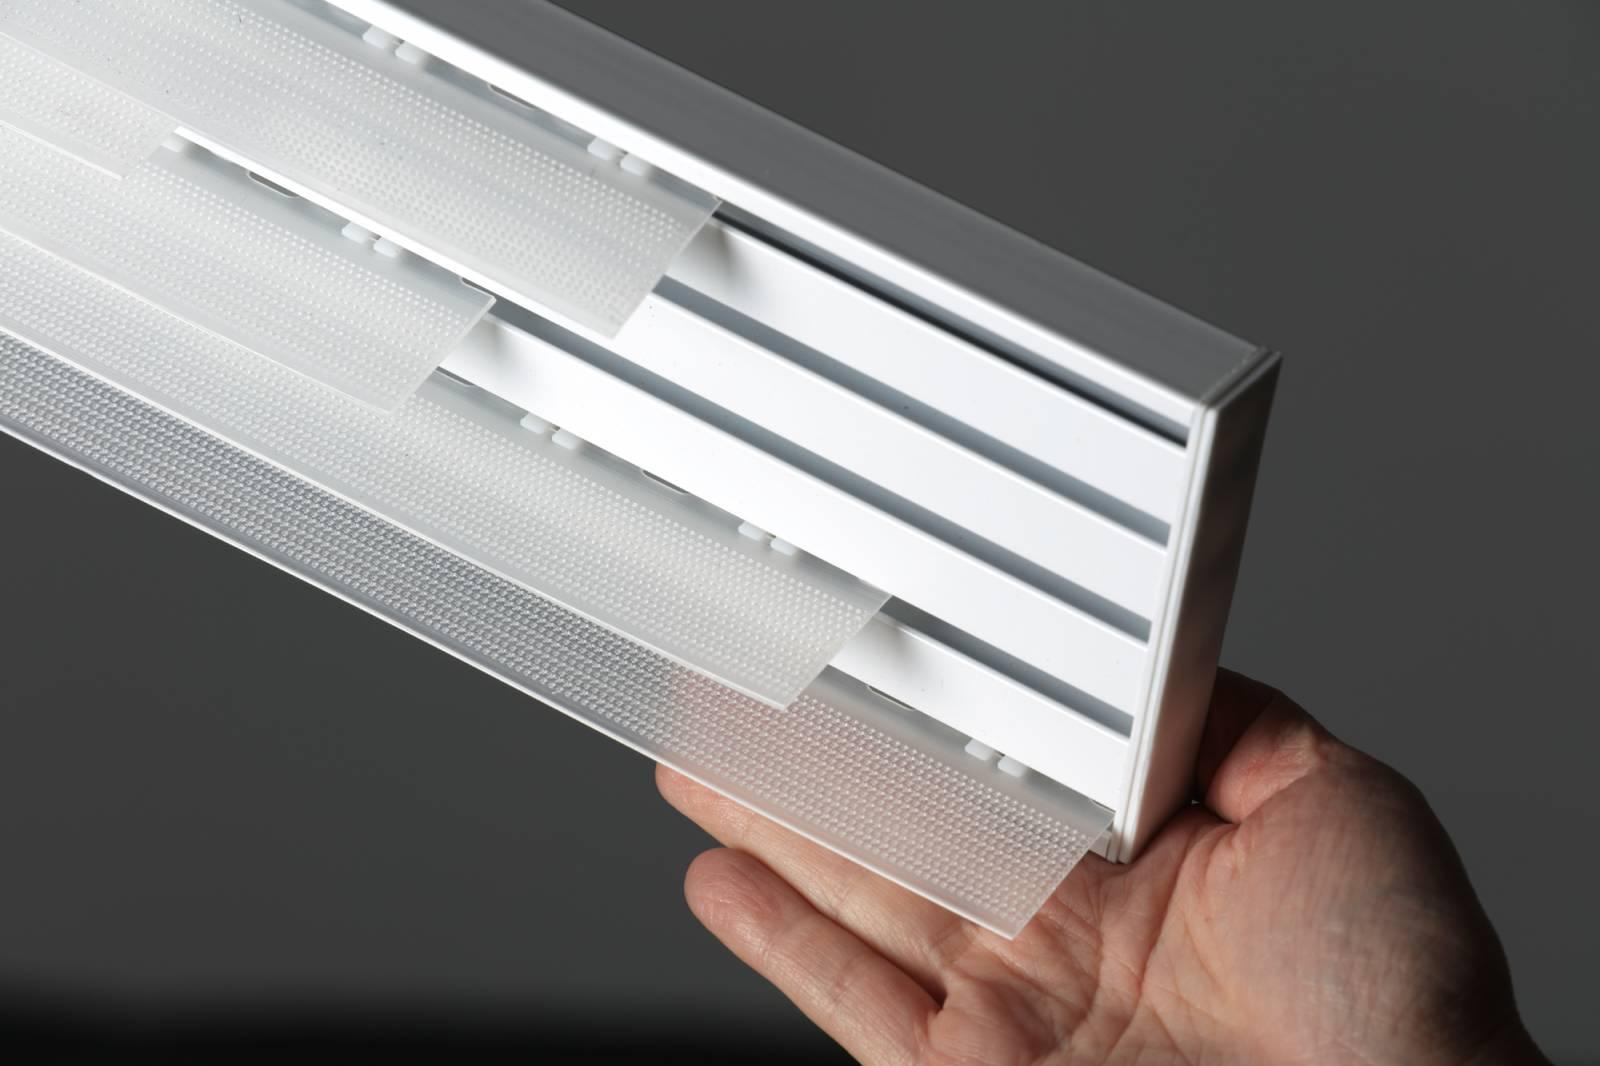 city lights translucent sliding panel. Black Bedroom Furniture Sets. Home Design Ideas